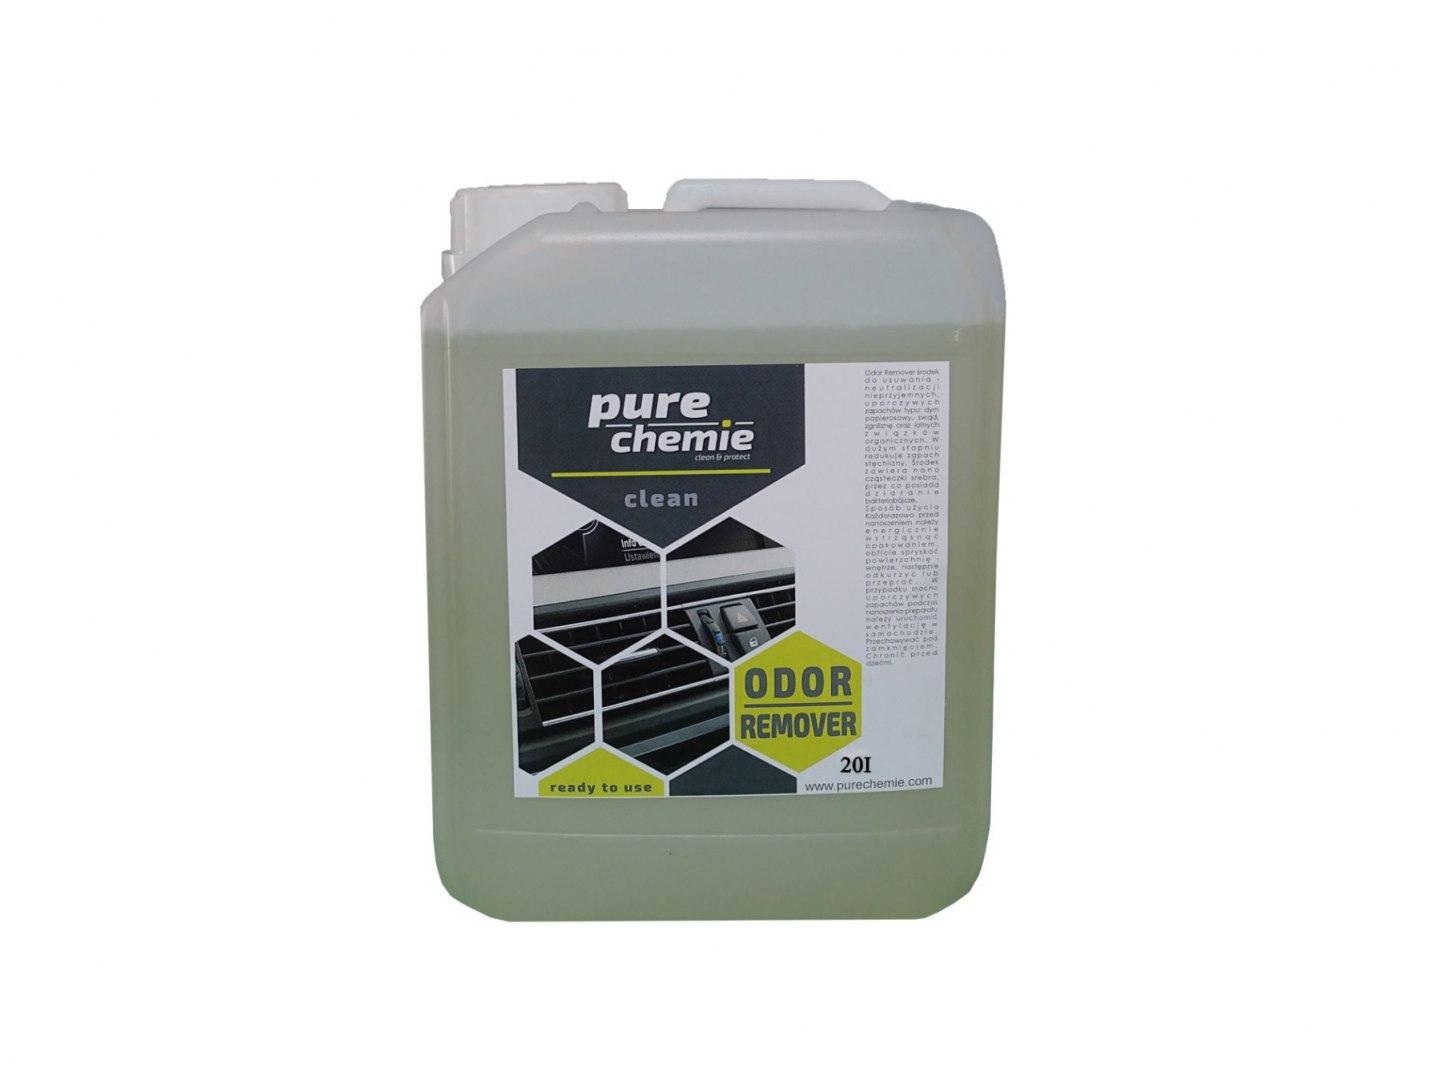 Pure Chemie Odor Remover 20L (Neutralizator zapachów) - GRUBYGARAGE - Sklep Tuningowy